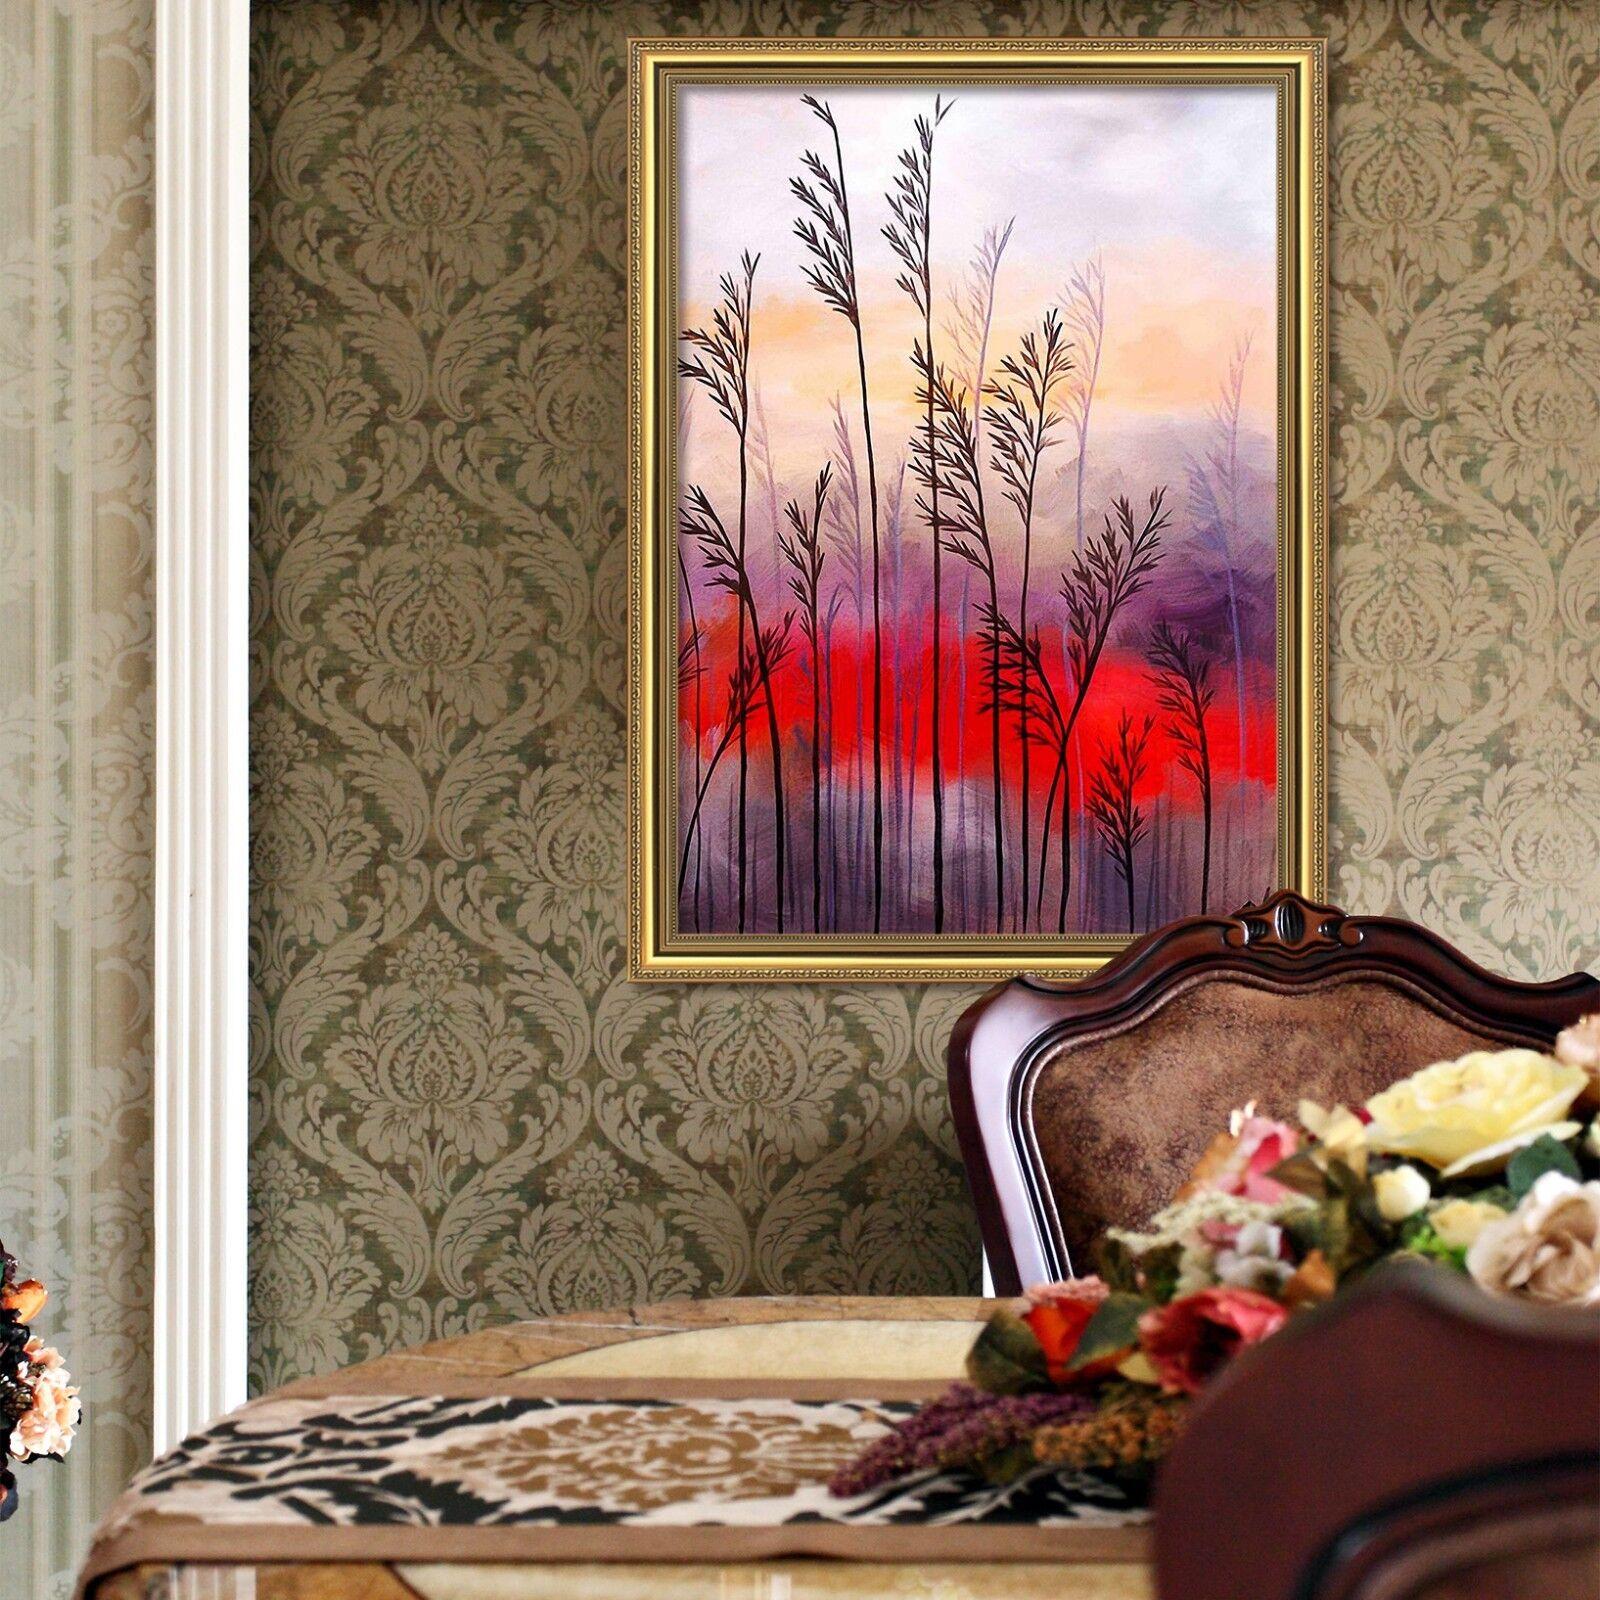 Cartel enmarcado 3D rojo en la nube de 51 Decoración del Hogar Pintura de Impresión Arte AJ